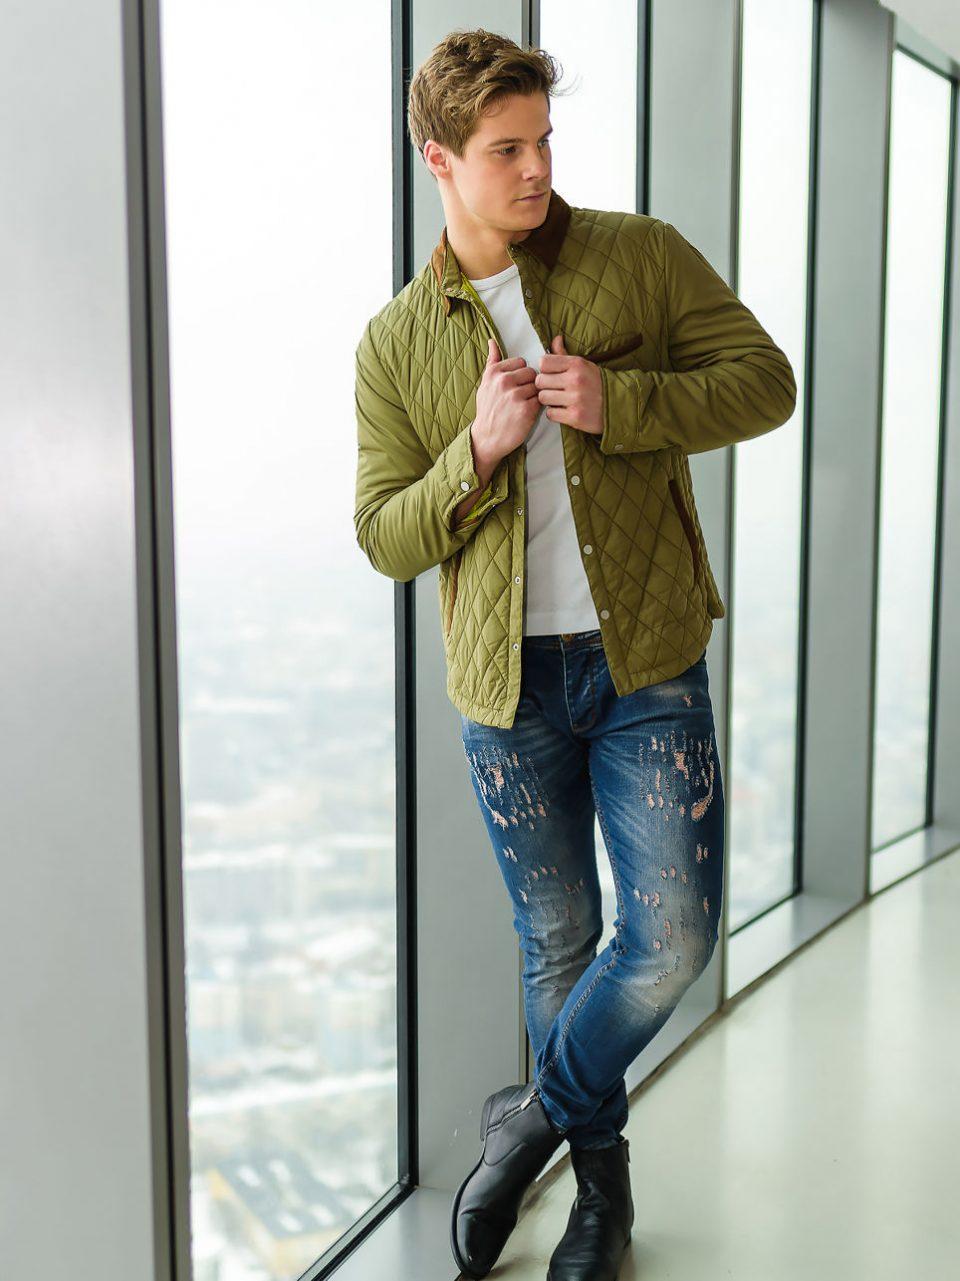 pol_pl_Stylizacja-nr-165-kurtka-przejsciowa-T-shirt-meski-spodnie-jeansowe-49049_1-960x1281.jpg